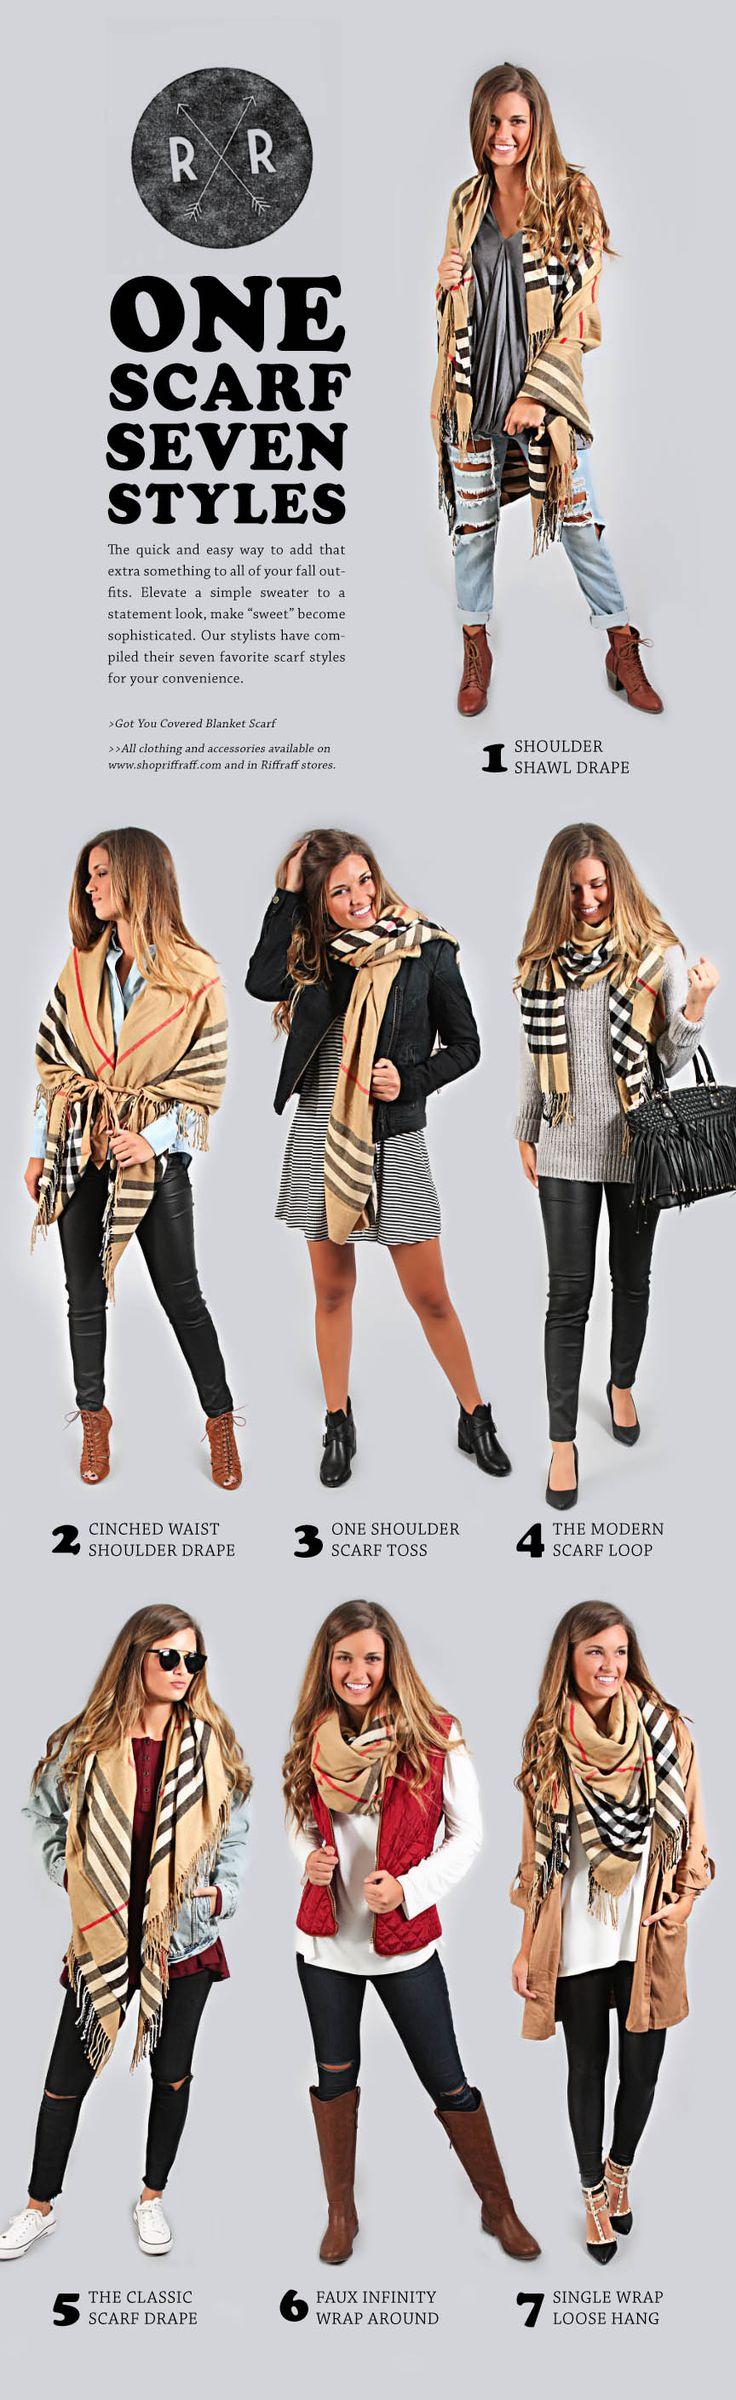 simple fall style <3 one scarf, seven ways #riffrafflove shopriffraff.com